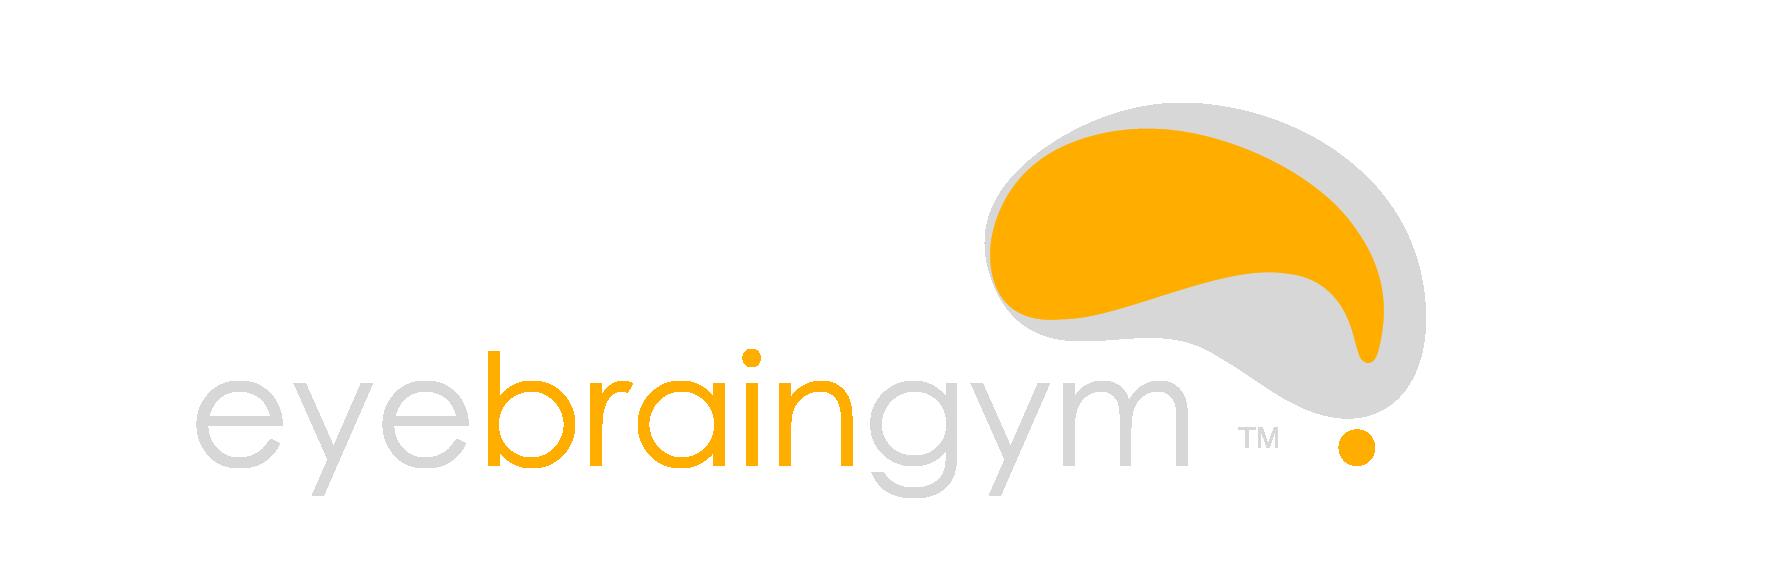 eyebraingym